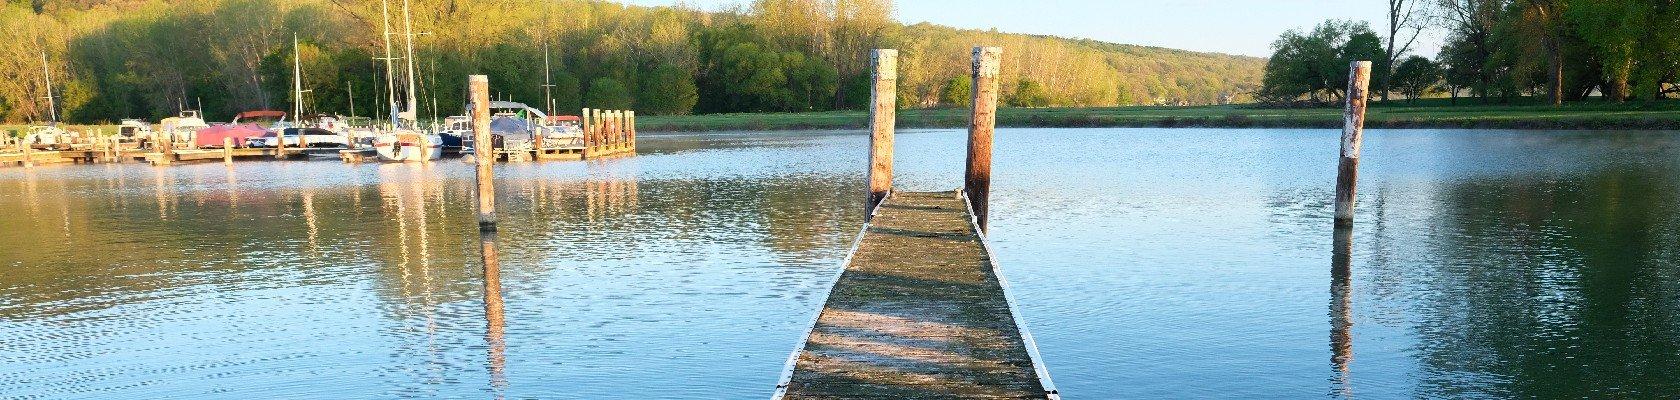 Finger Lakes Regio